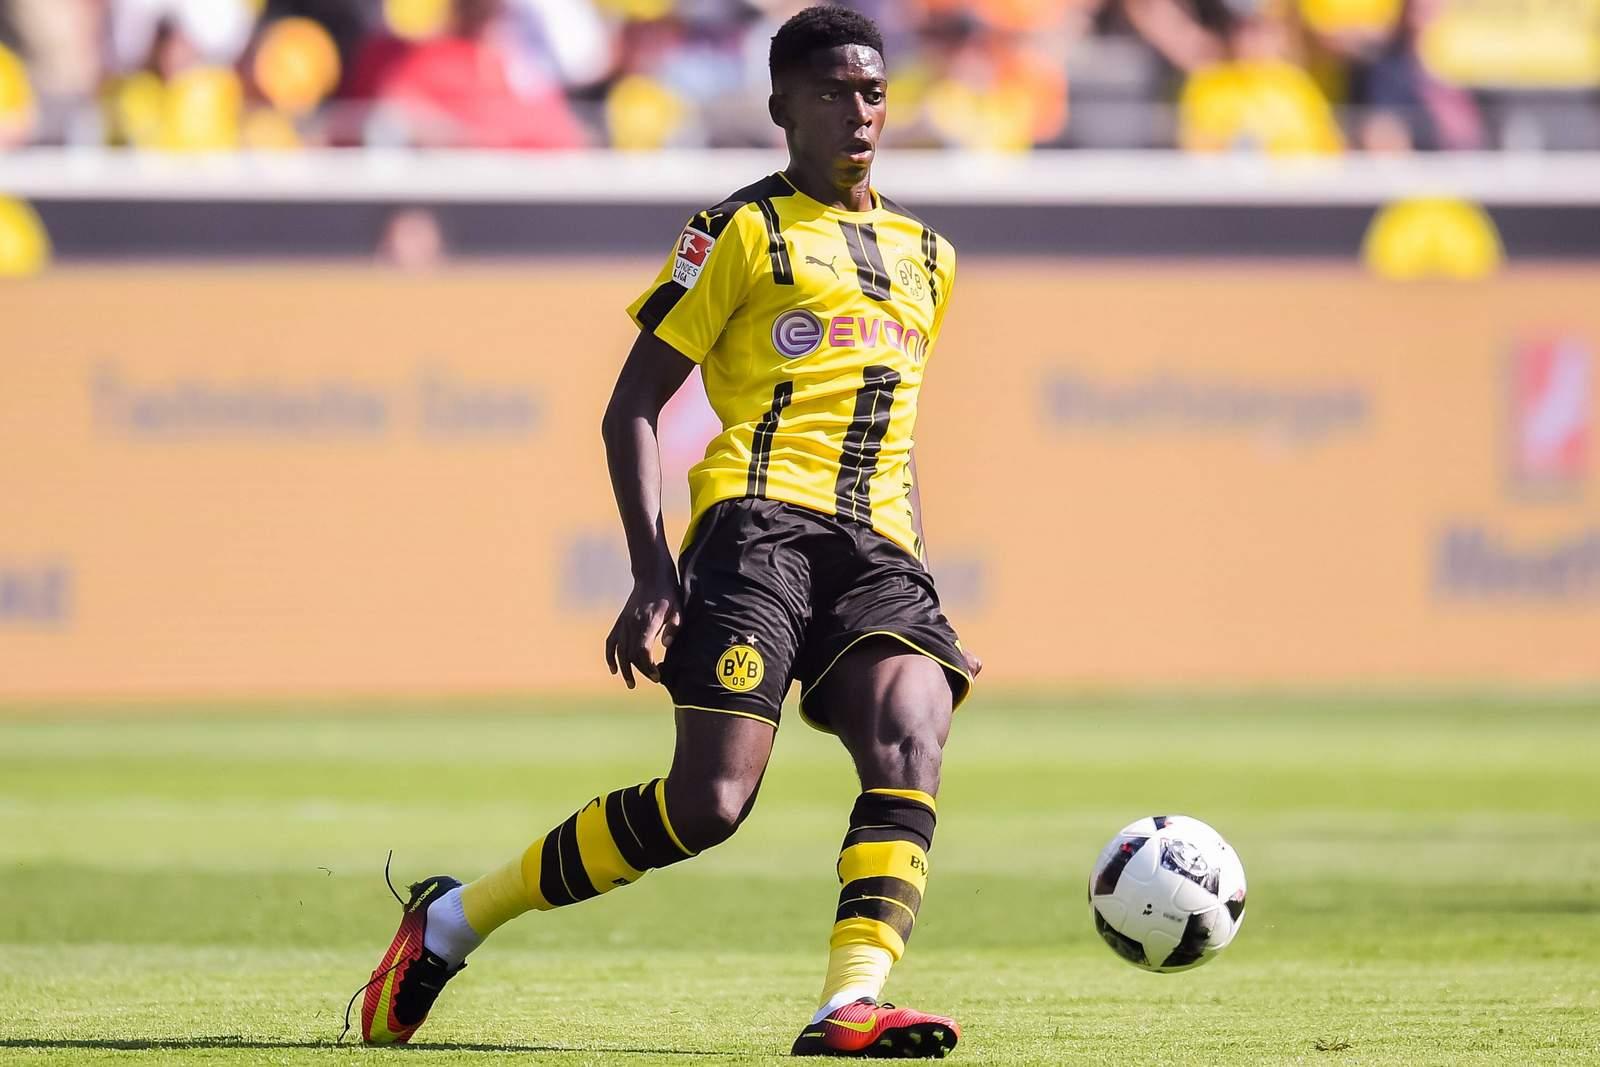 Ousmane Dembele vom BVB am Ball. Jetzt auf Red Bull Leipzig gegen Dortmund wetten!